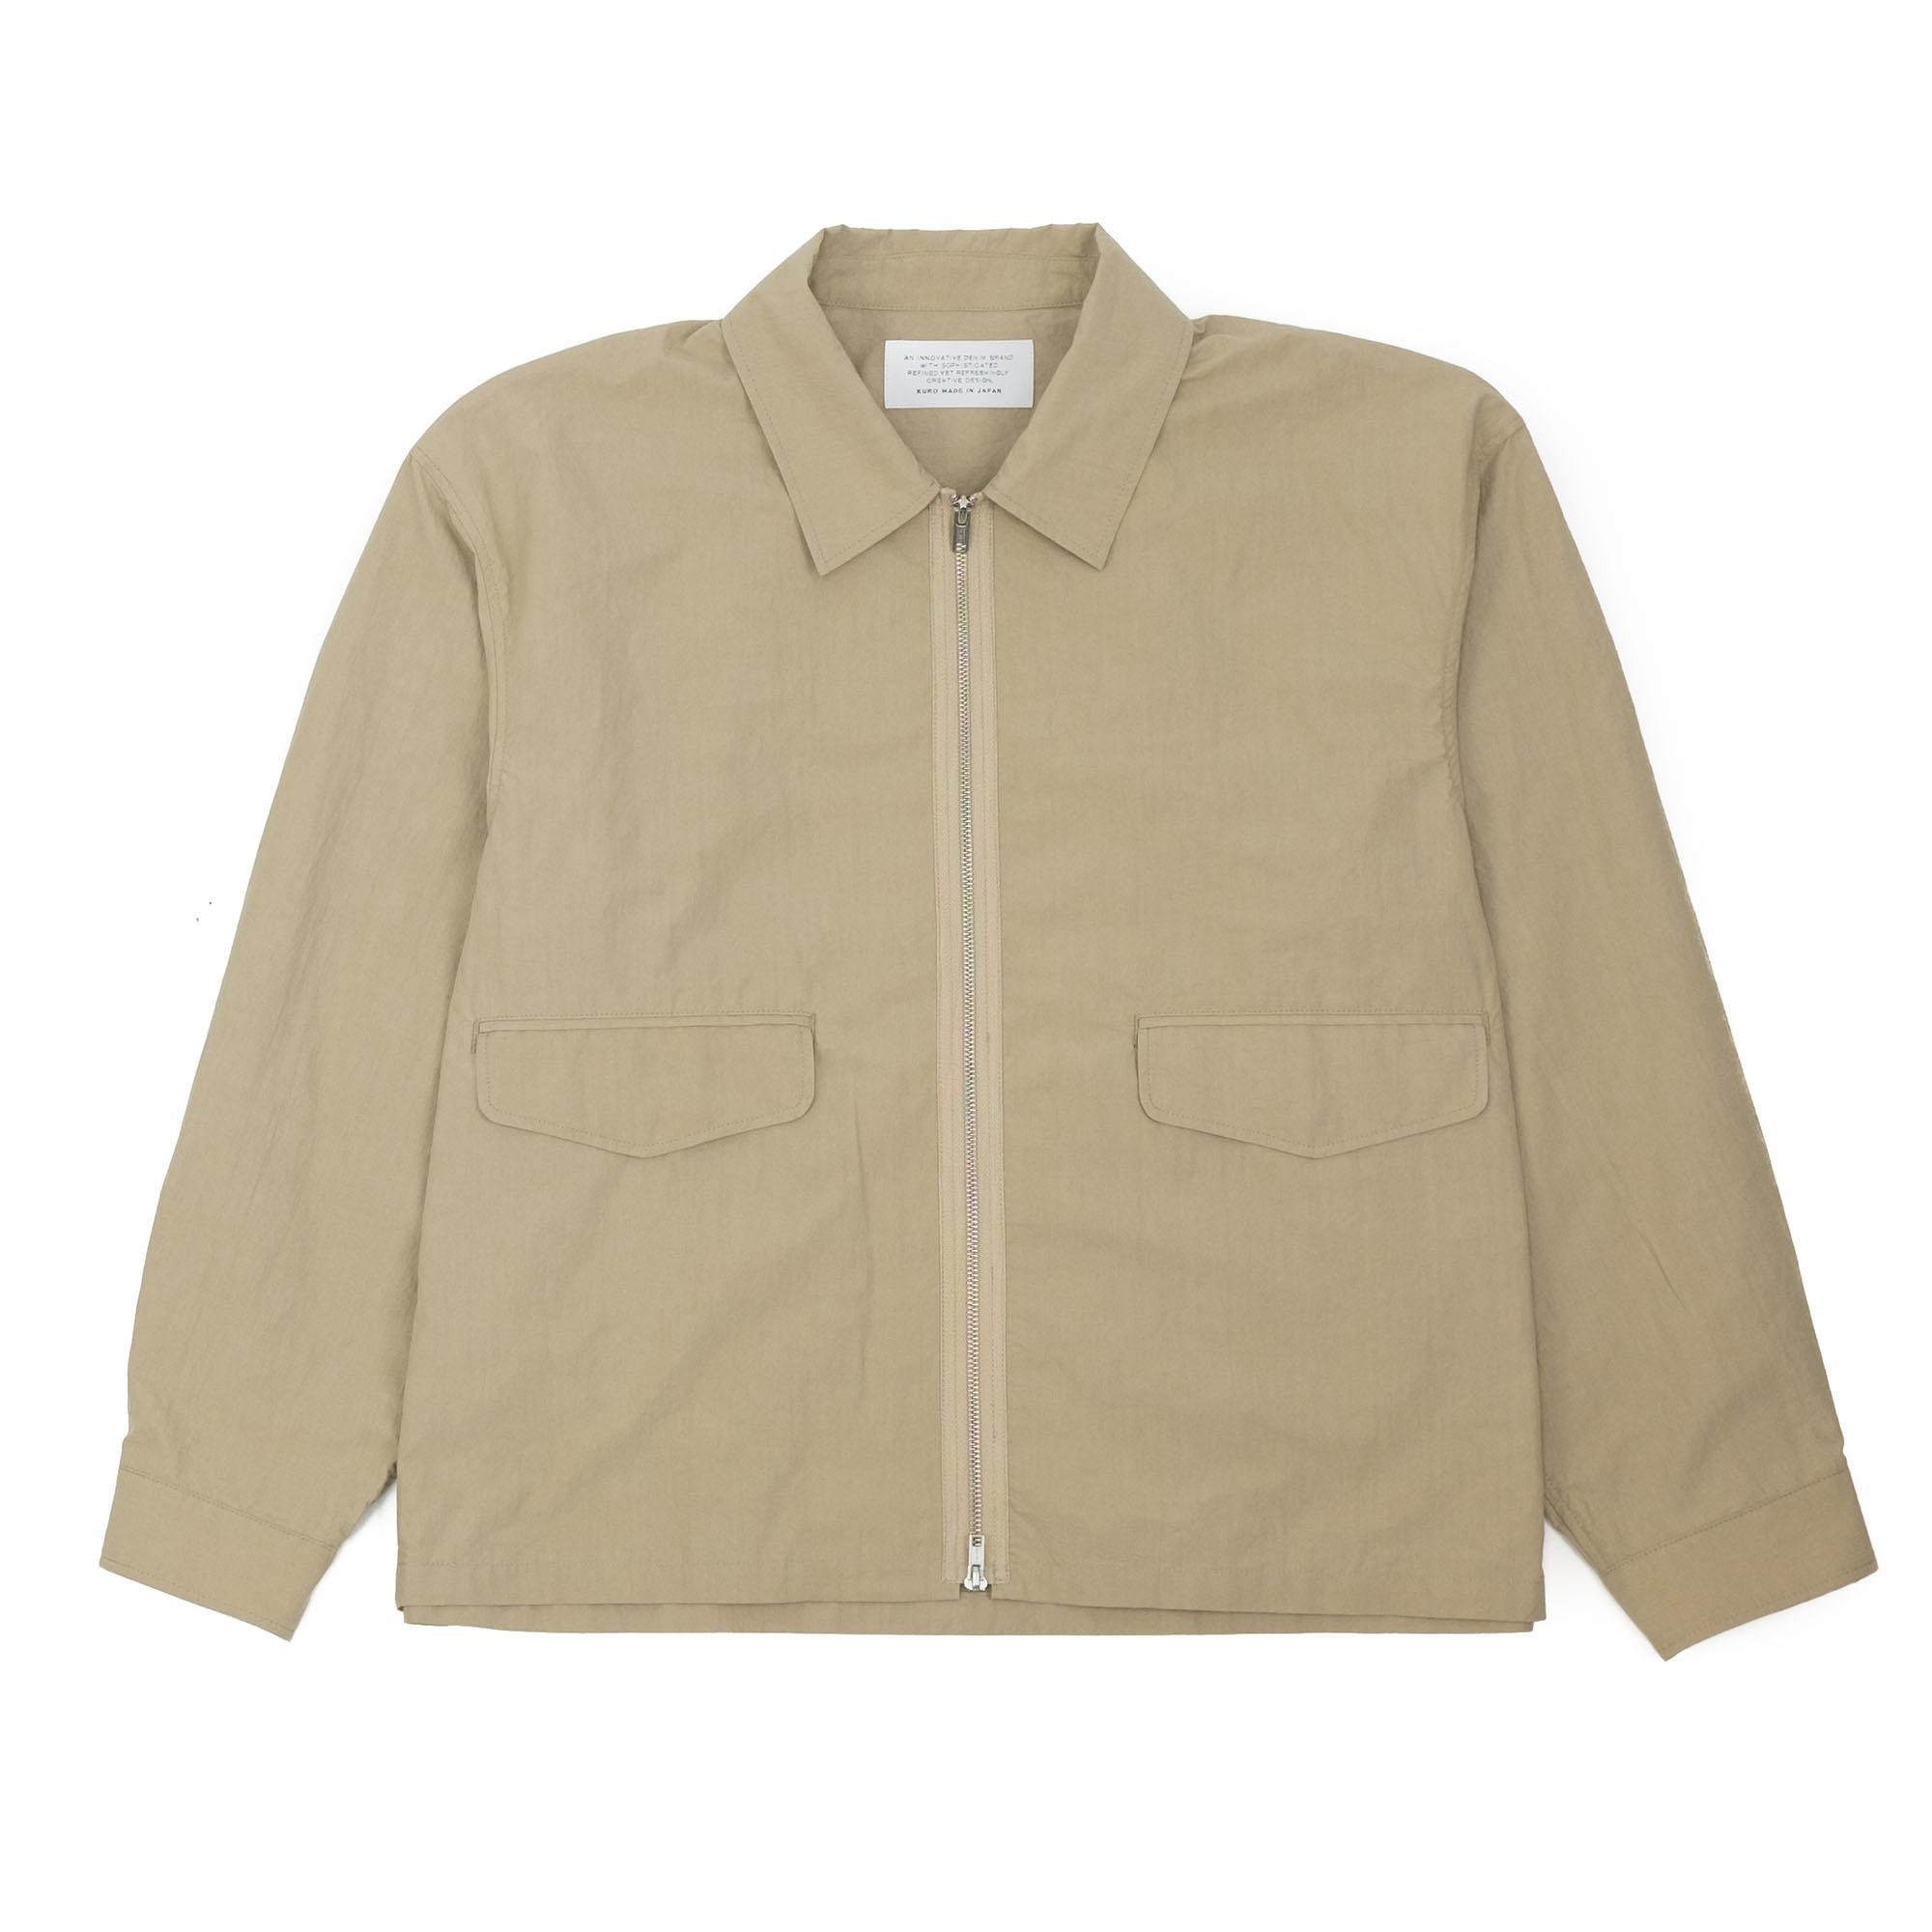 Zip Up Shirt Jacket Beige 1